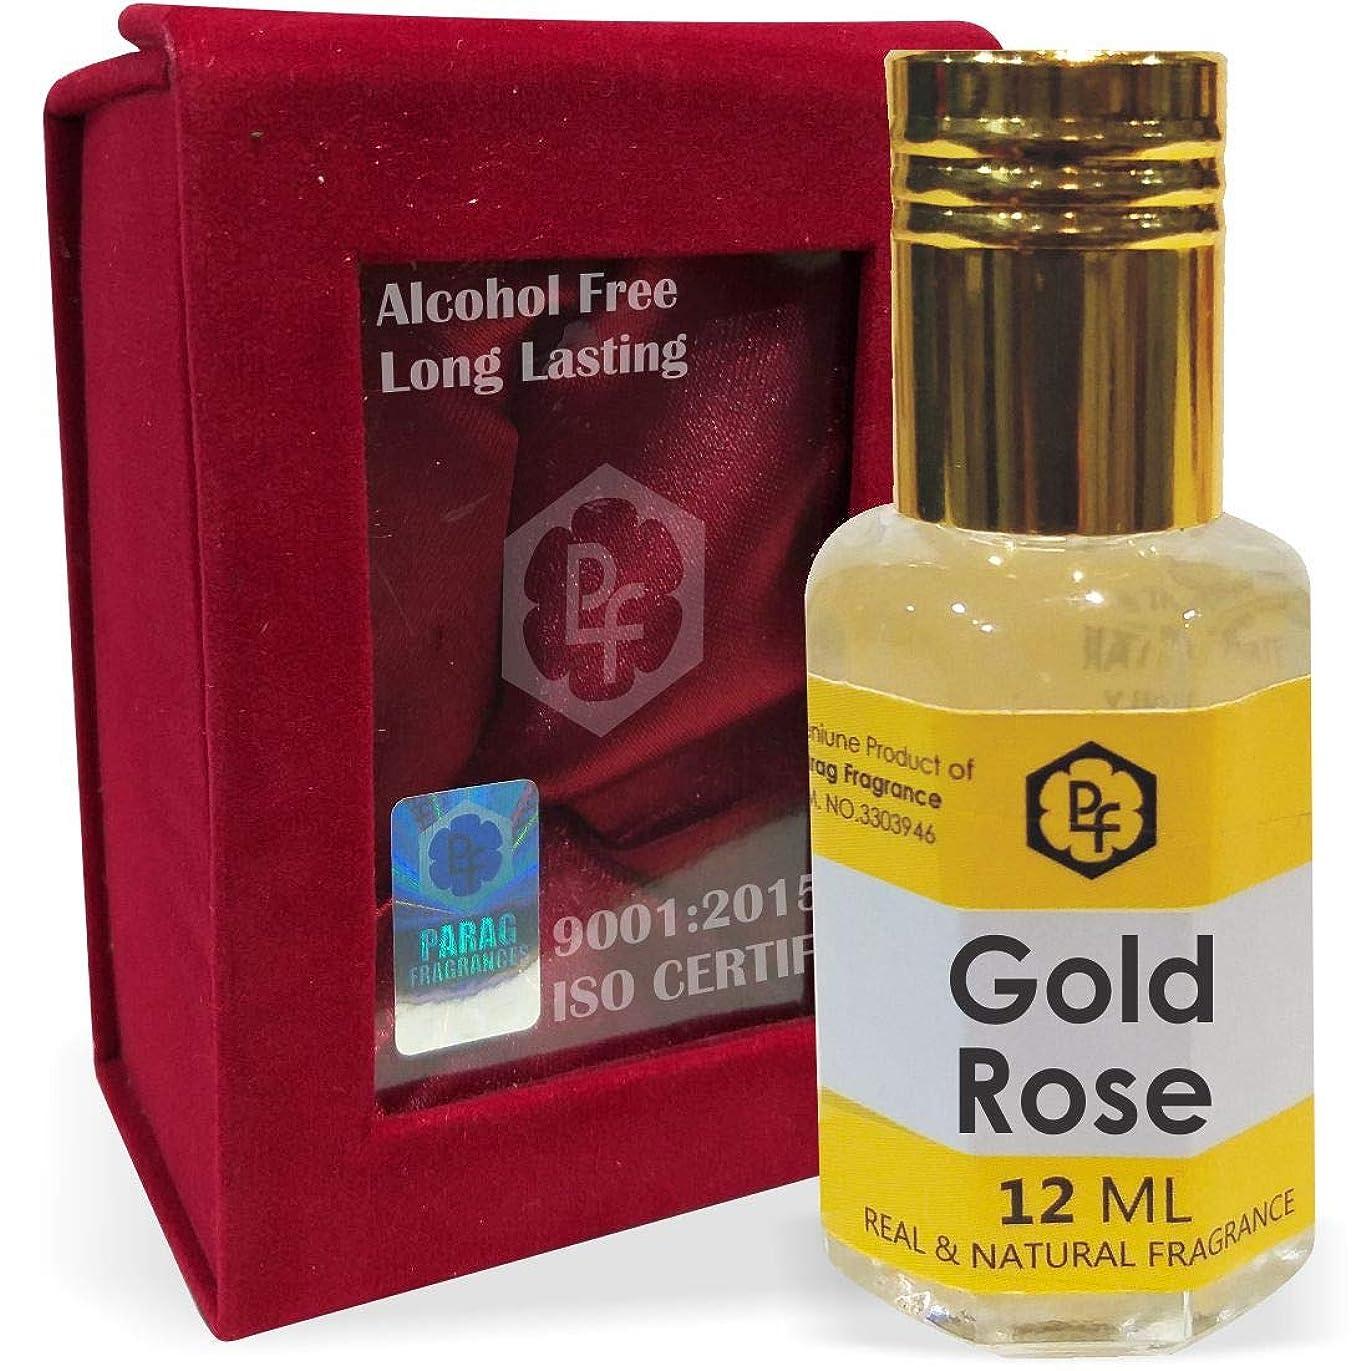 効率調停者問い合わせる手作りのベルベットボックスParagフレグランスゴールドローズ12ミリリットルアター/香油/(インドの伝統的なBhapka処理方法により、インド製)フレグランスオイル|アターITRA最高の品質長持ち